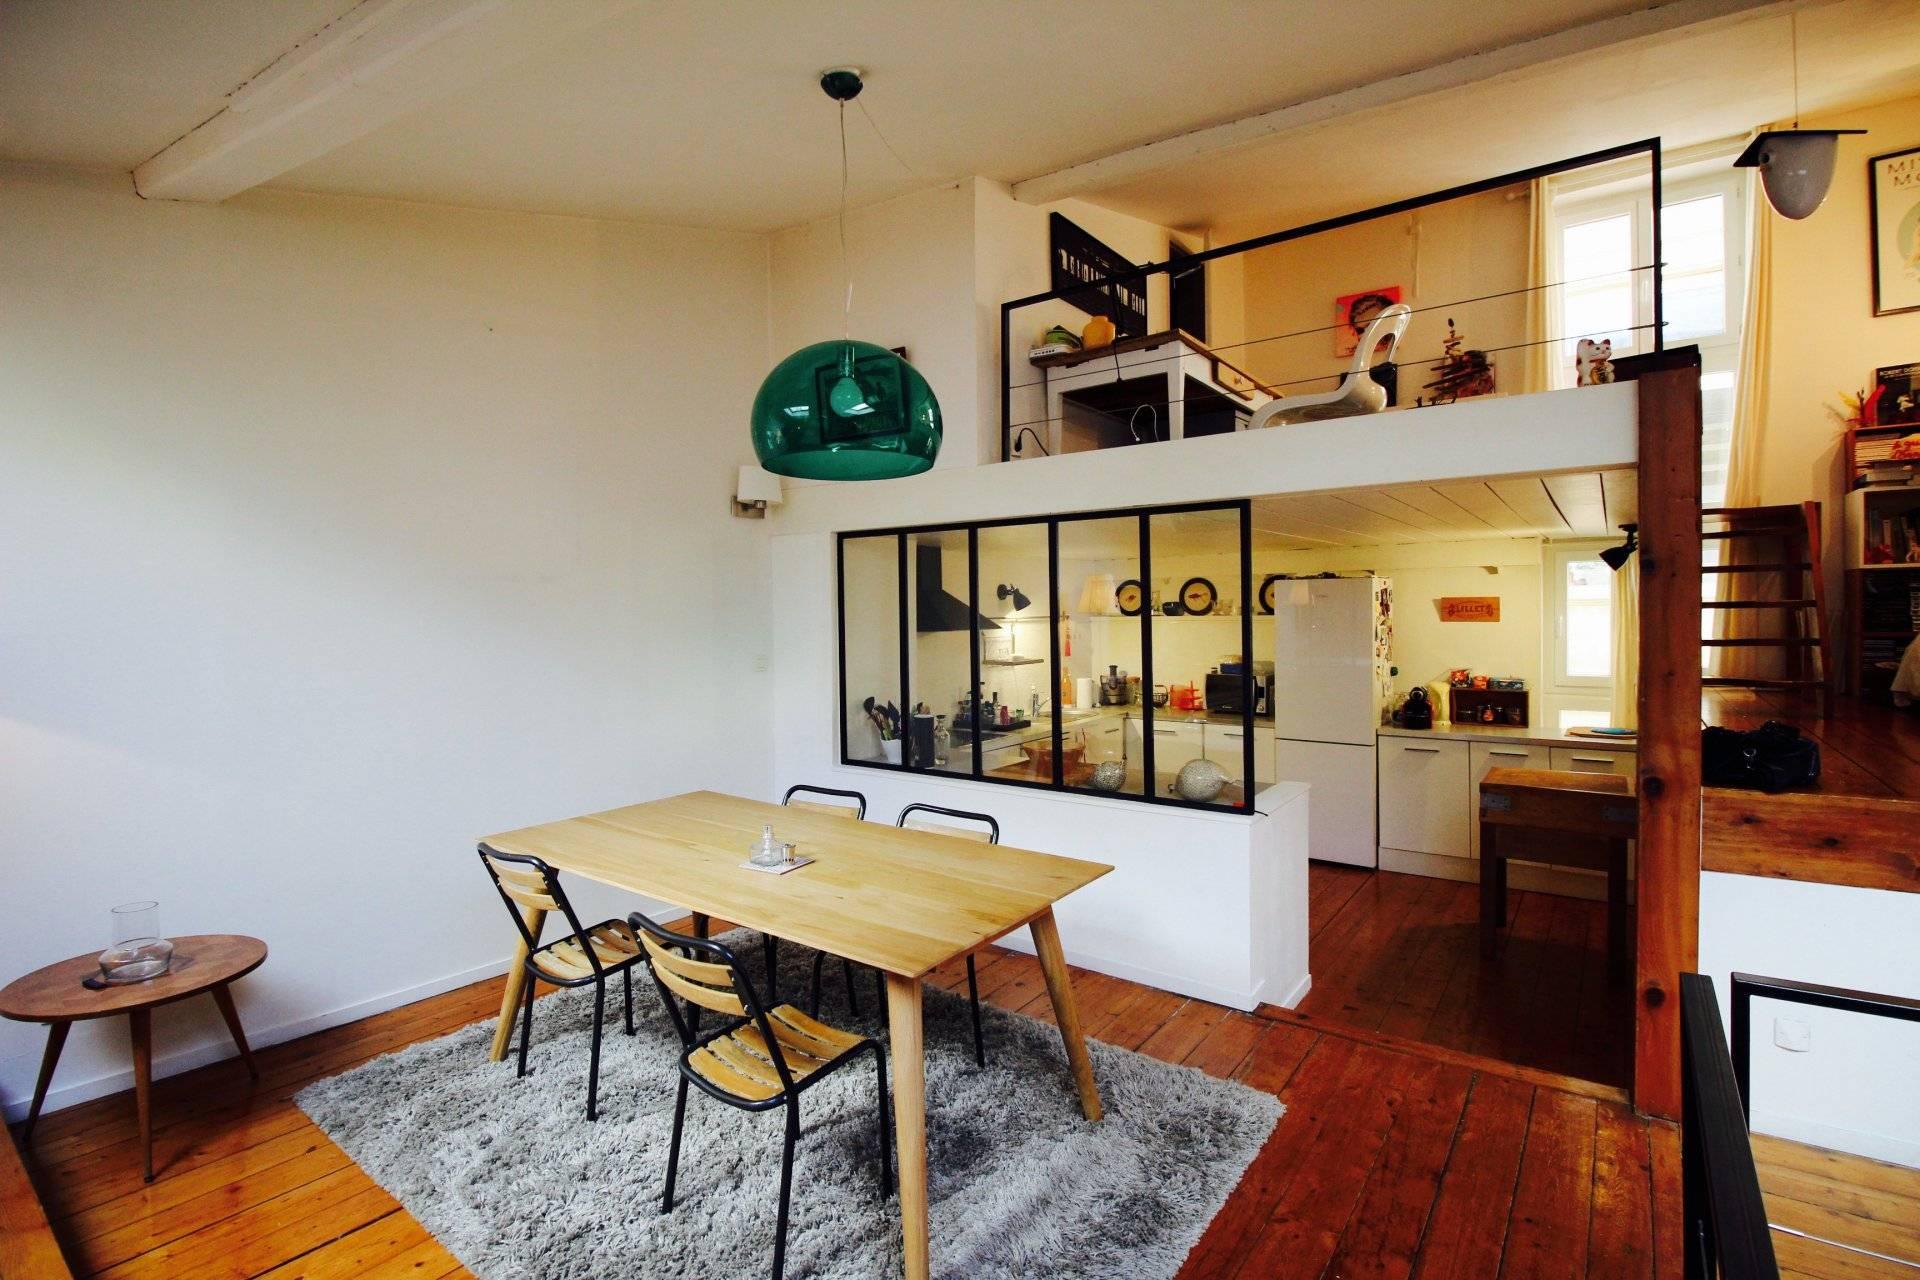 Vente appartement ancien rénové bordeaux saint pierre